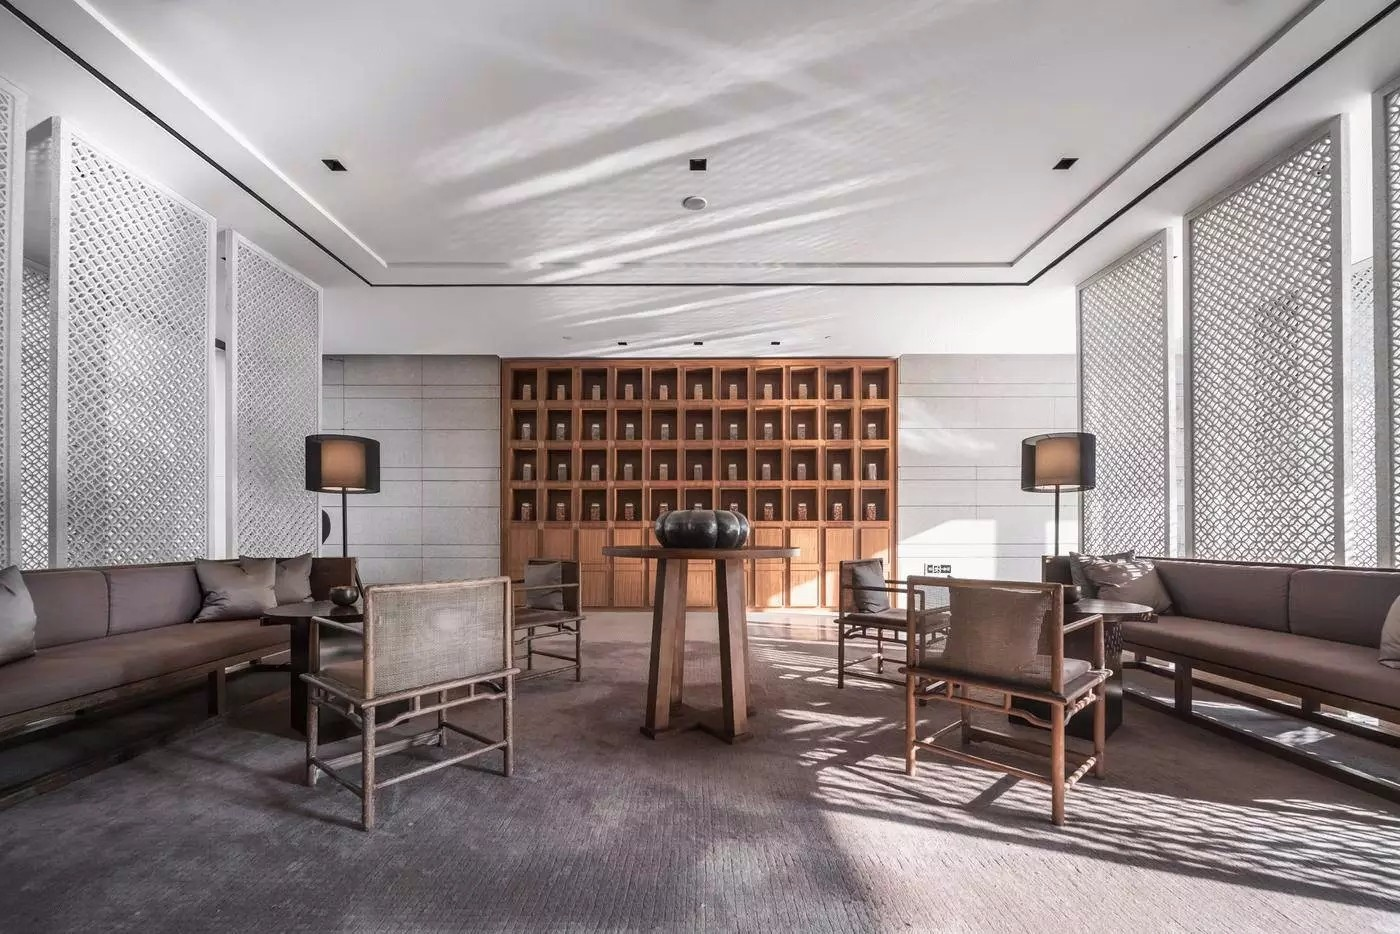 3.6亿设计费,七星级酒店青岛涵碧楼欣赏